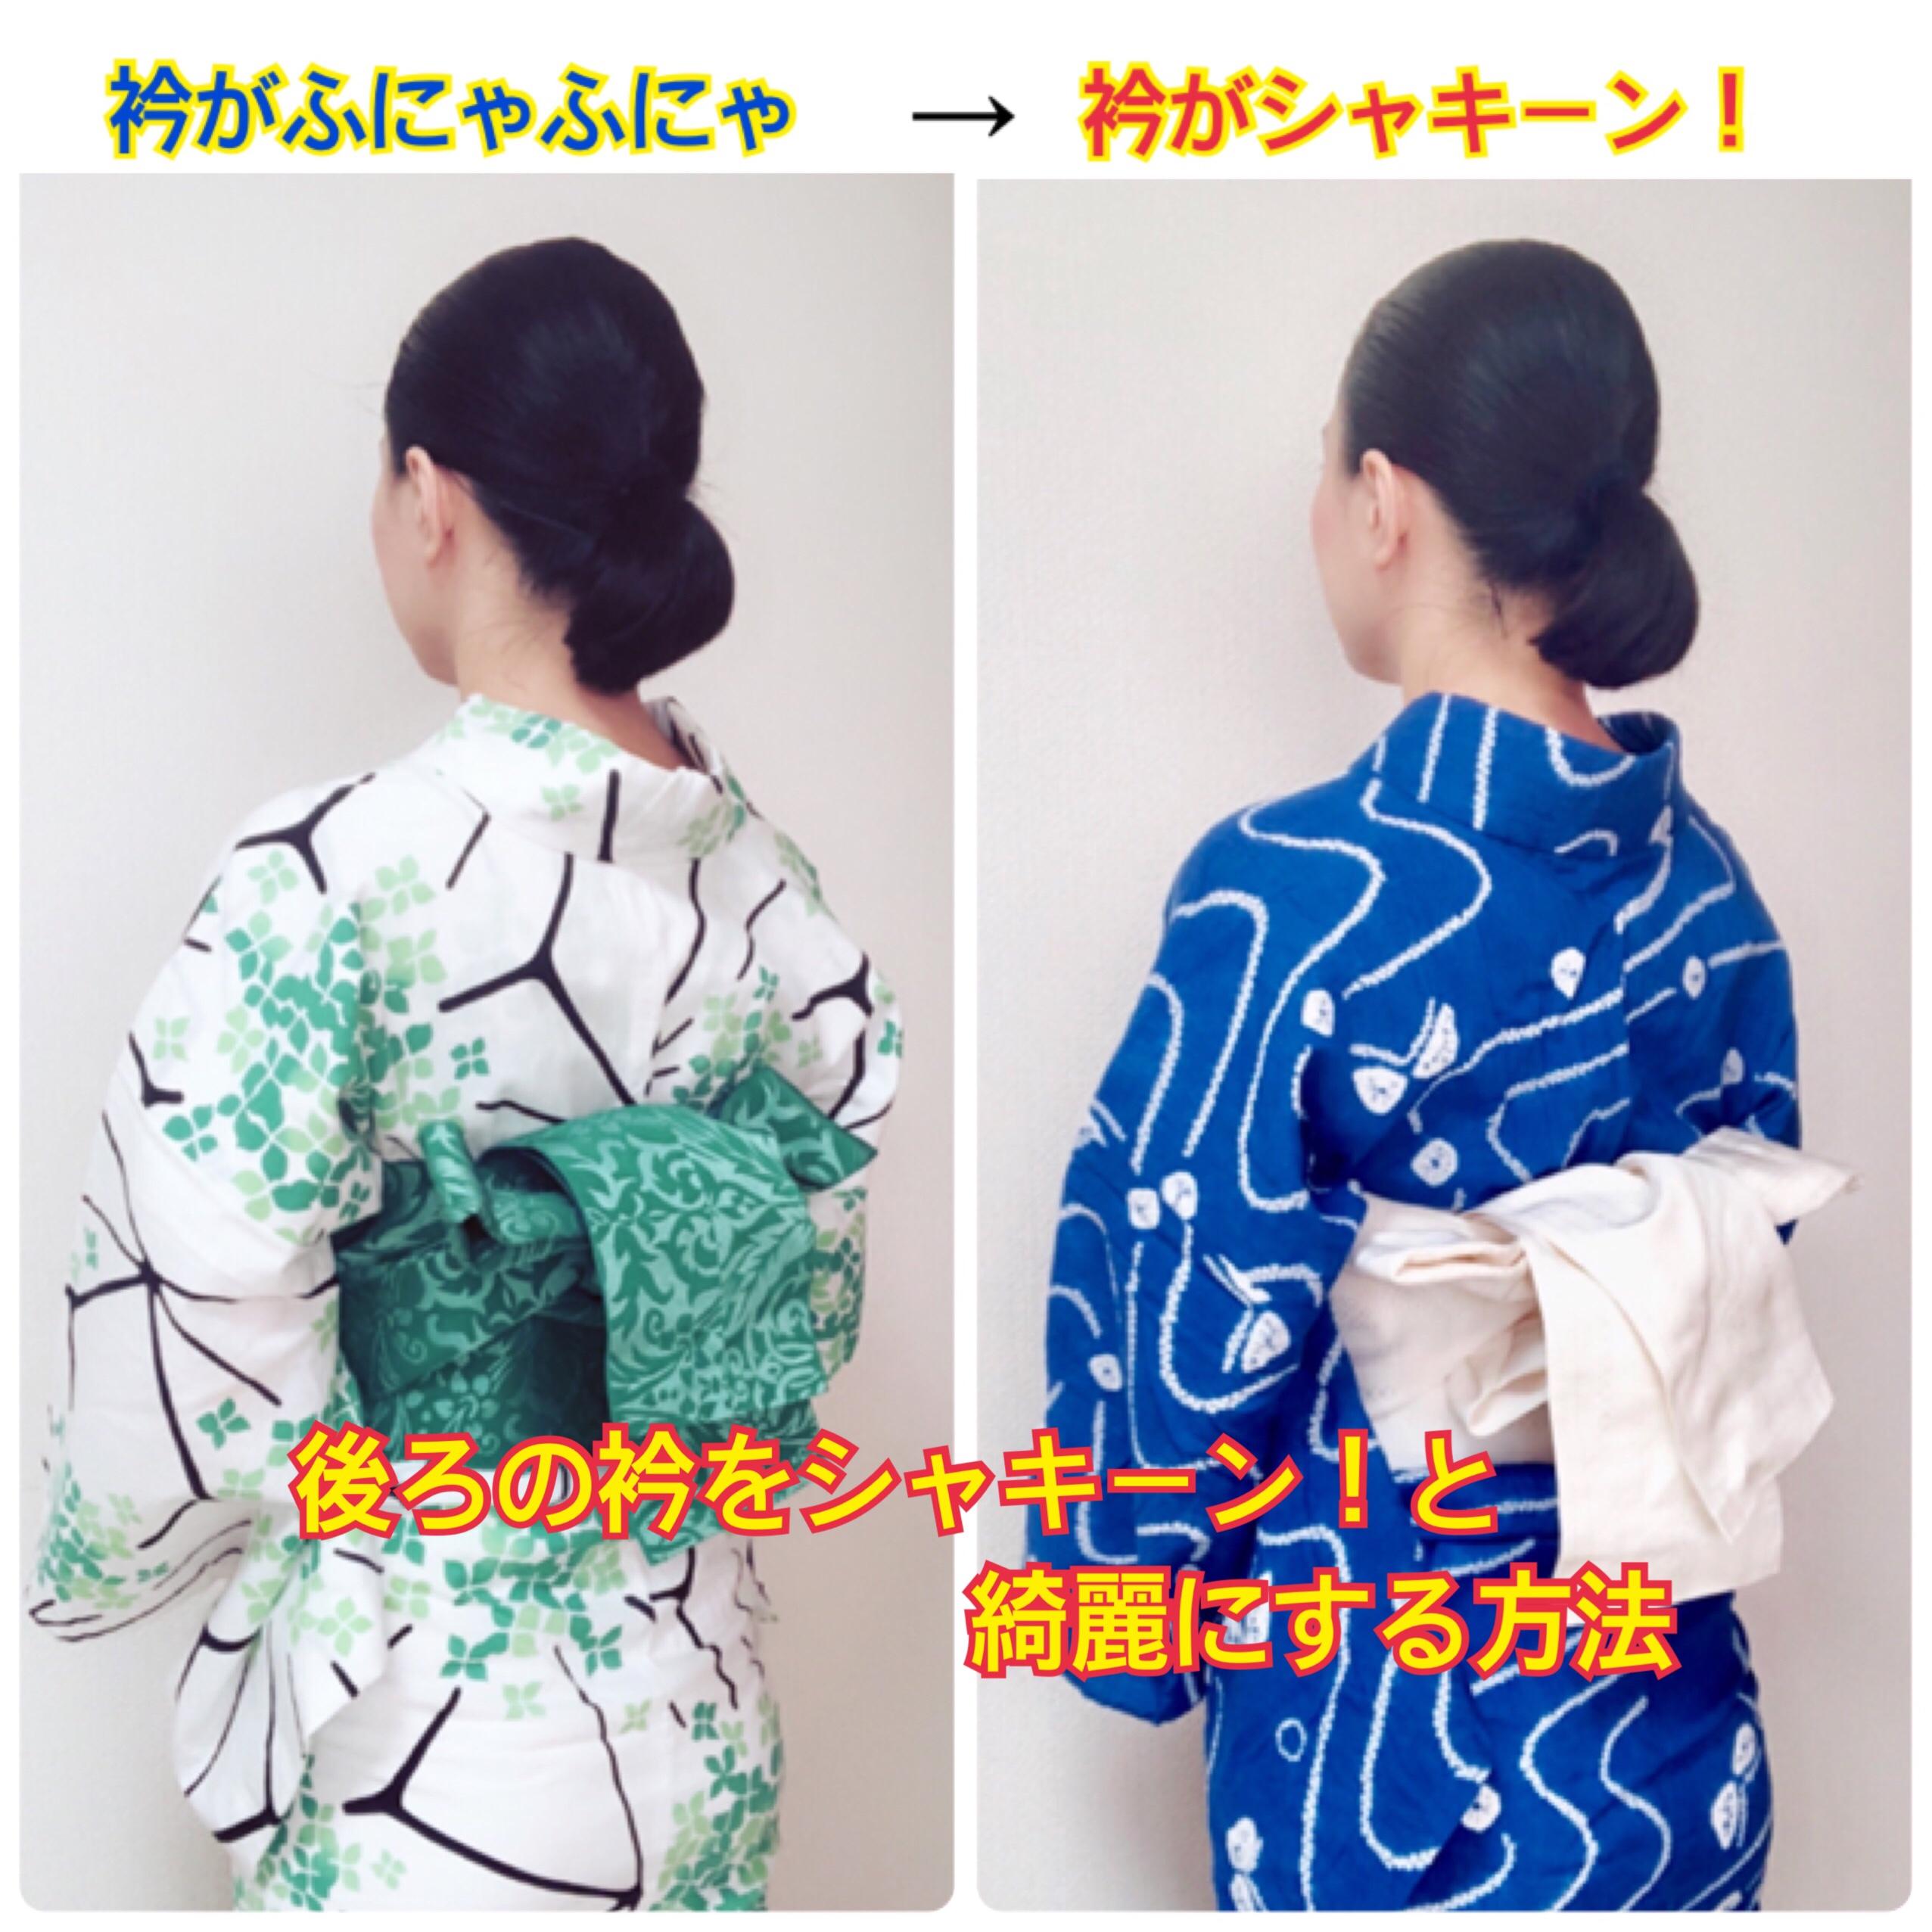 浴衣の衣紋をしわなく綺麗にする方法【大阪京橋の着付け教室きものたまより】